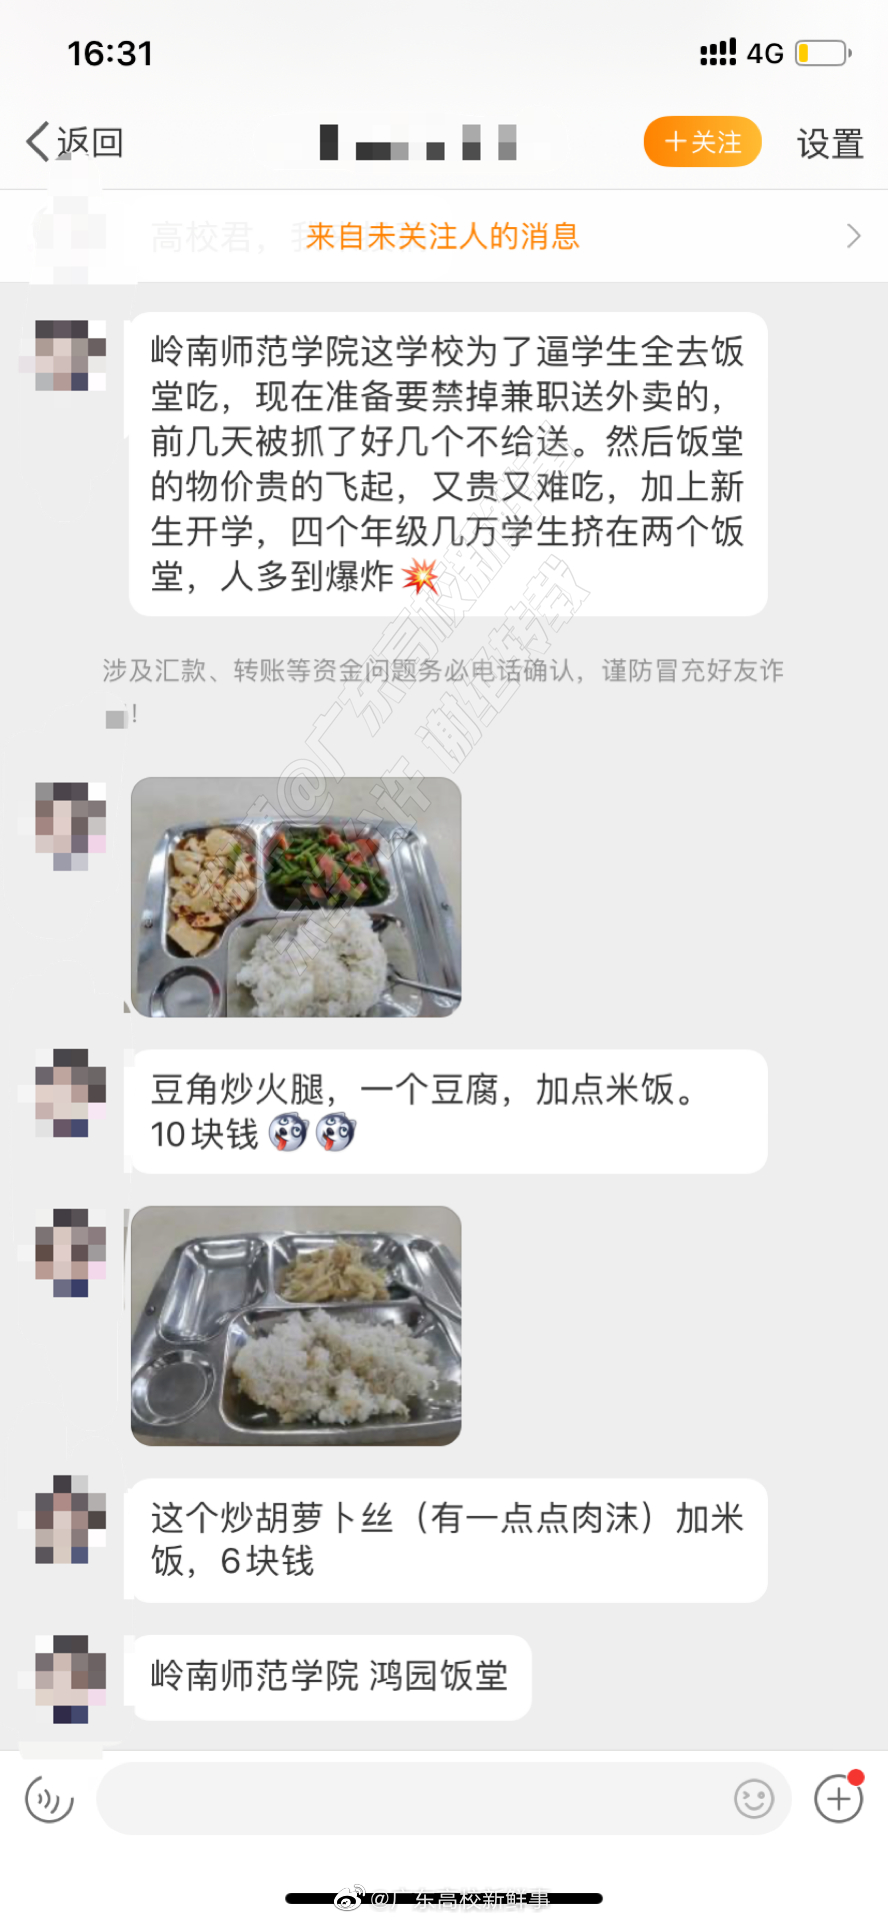 岭南师范学院食堂饭菜价格,你觉得贵不贵?